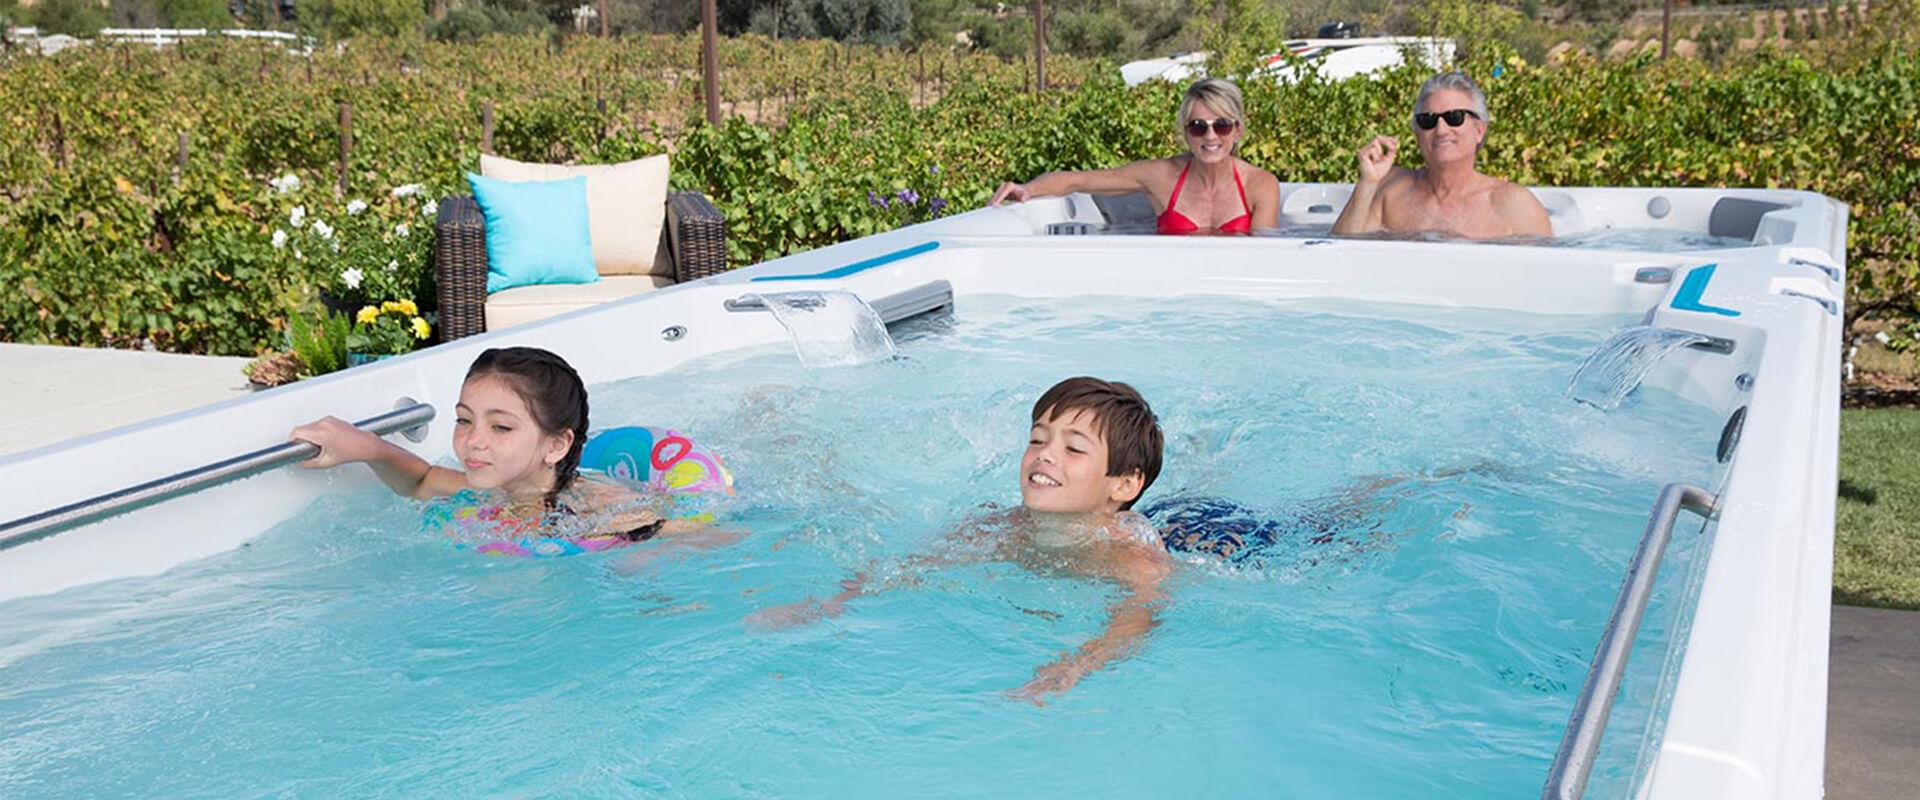 Endless Pools Aquatic Fitness Exercises